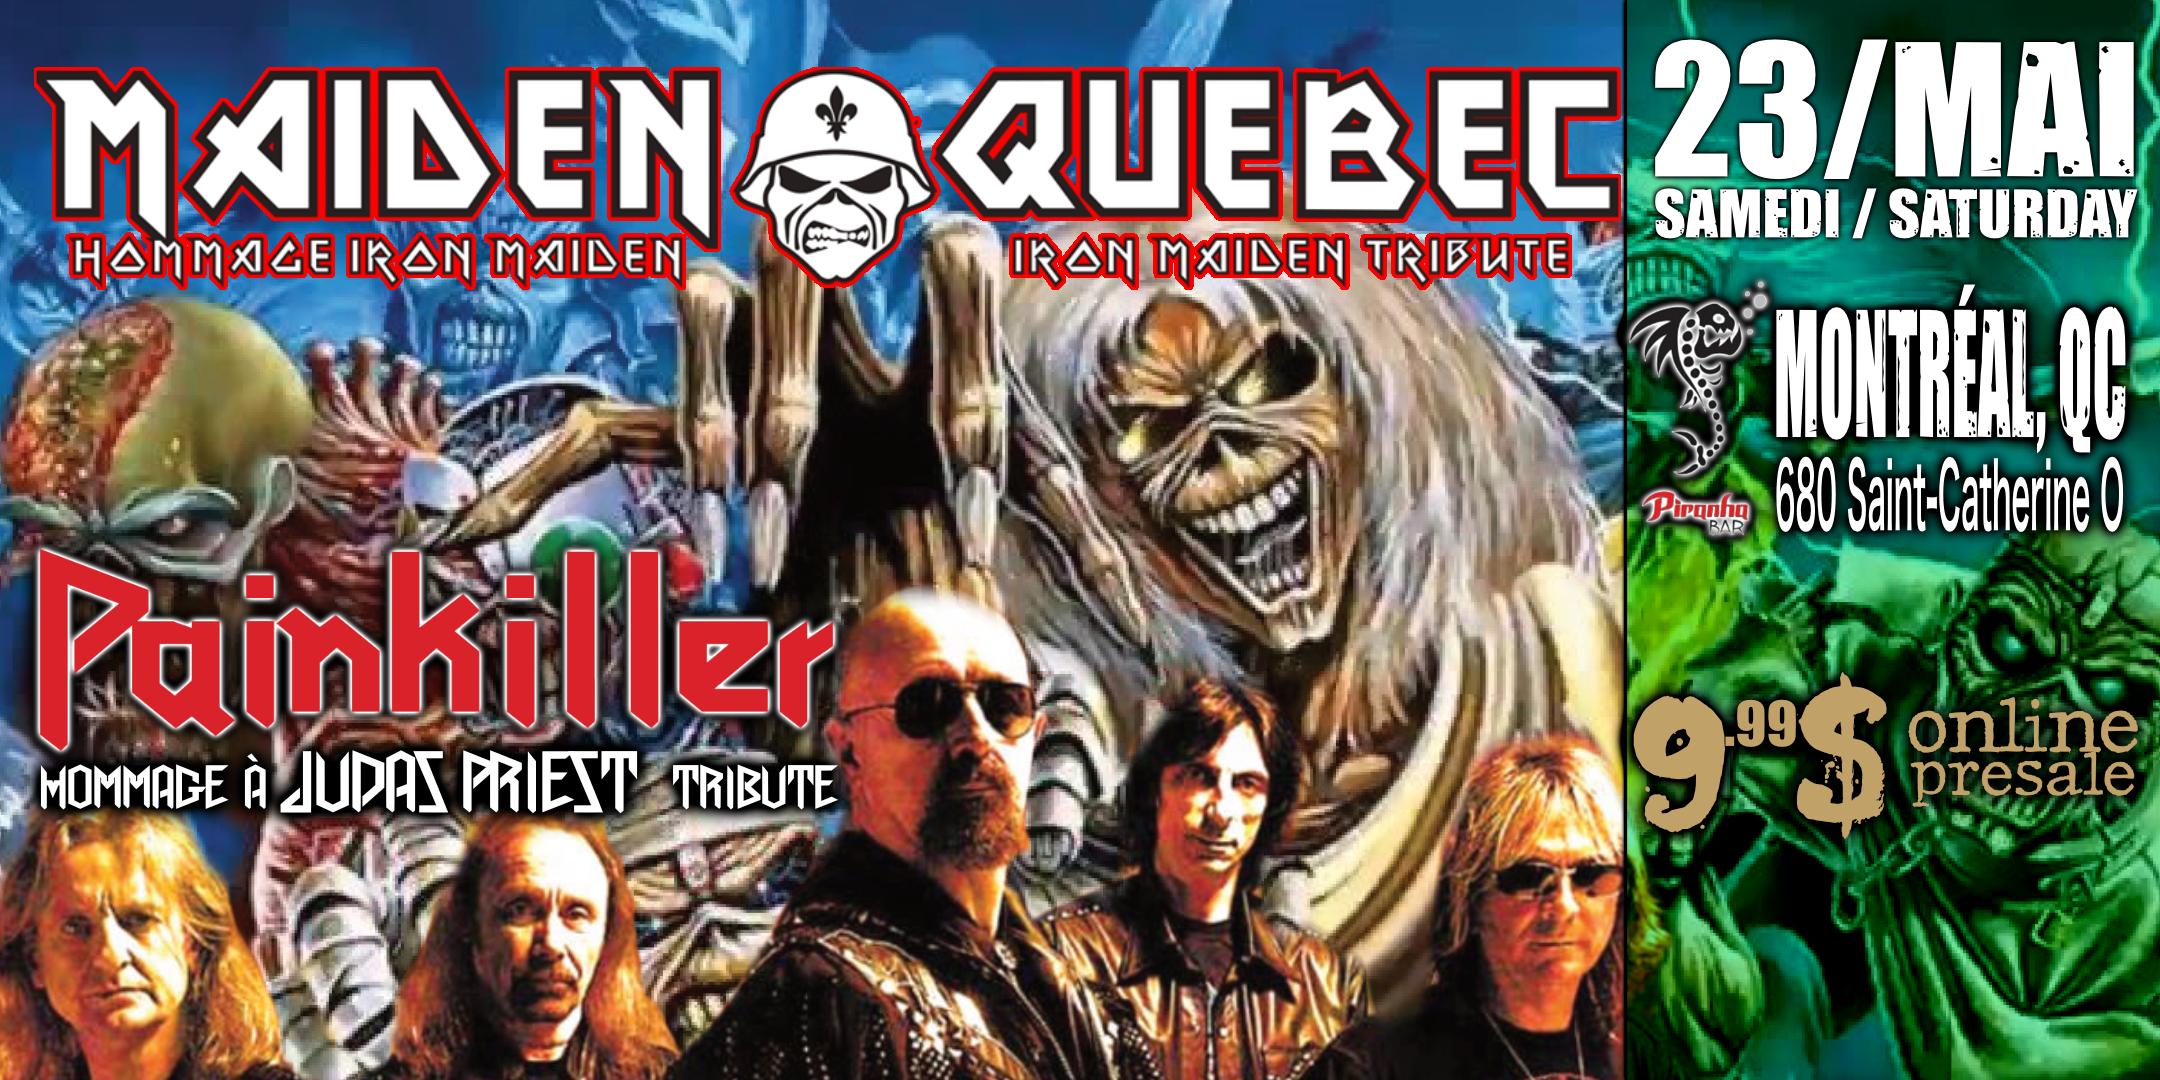 IRON MAIDEN & JUDAS PRIEST tributes (by Maiden Québec & Painkiller)